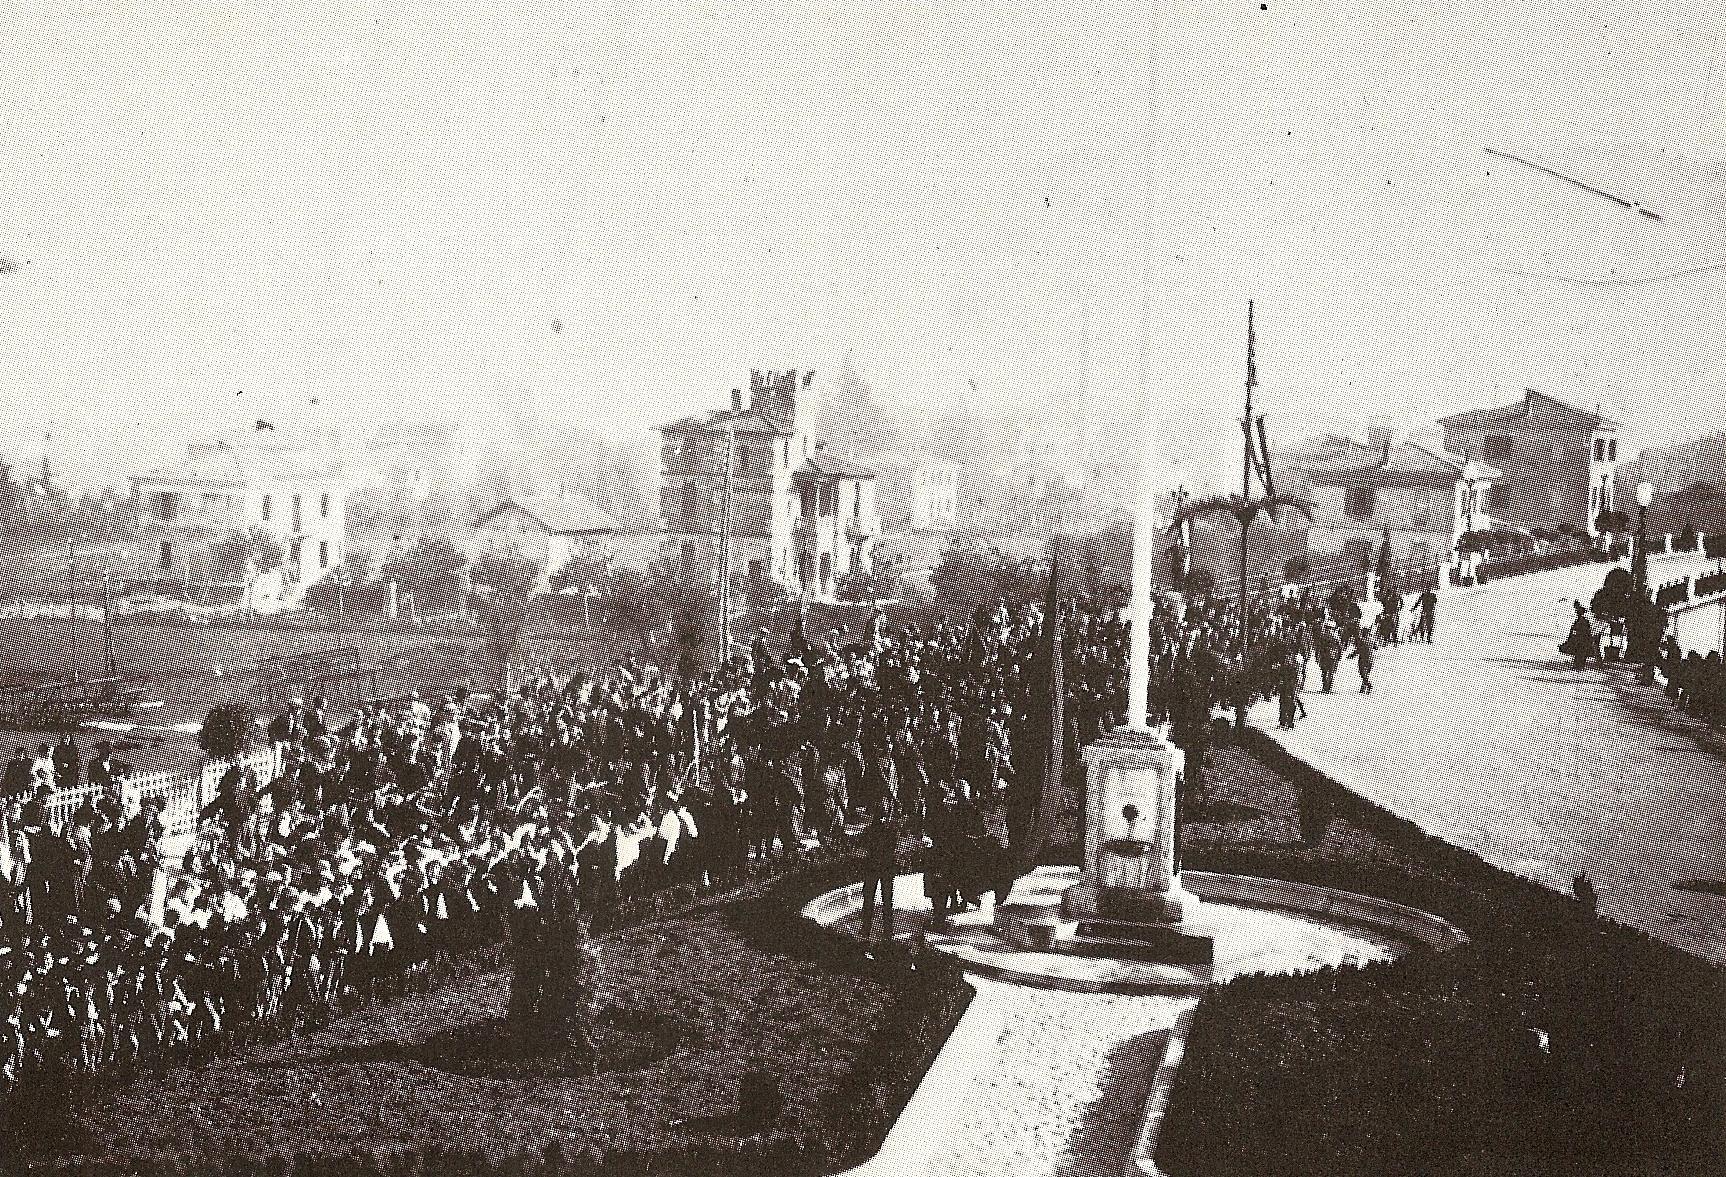 Inaugurazione Cavalcavia 28 ottobre 1933